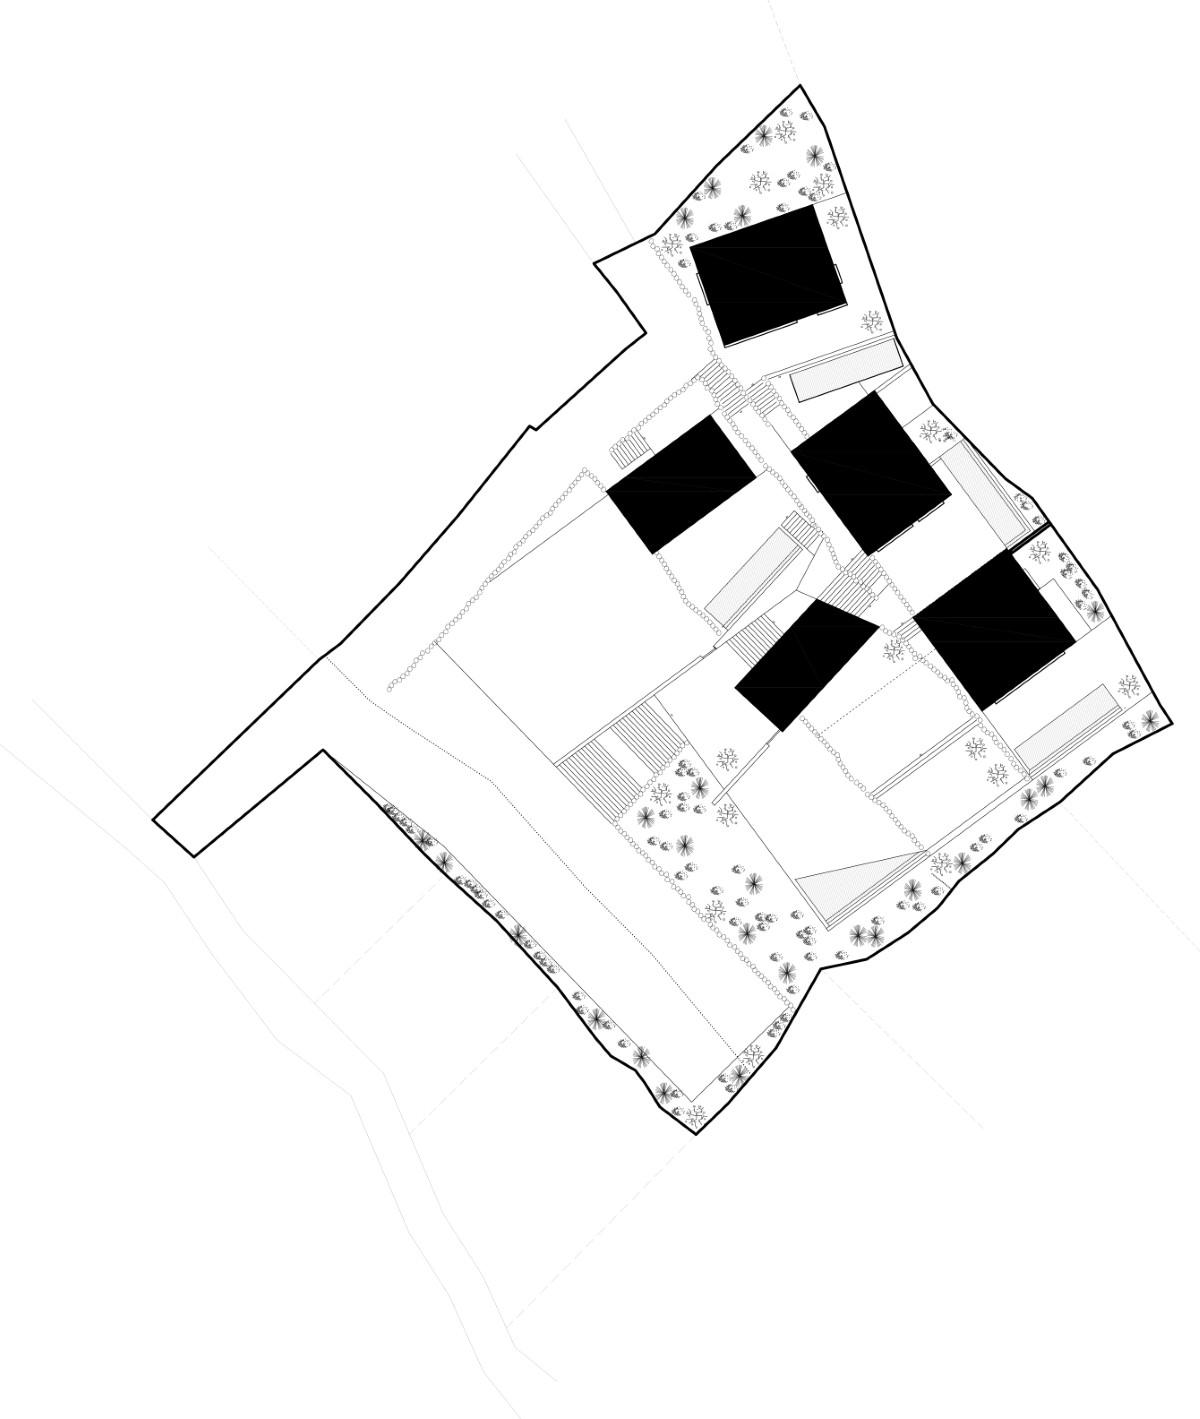 /Users/mariannakapsimali/Desktop/marian/work/site/drosos eboreio